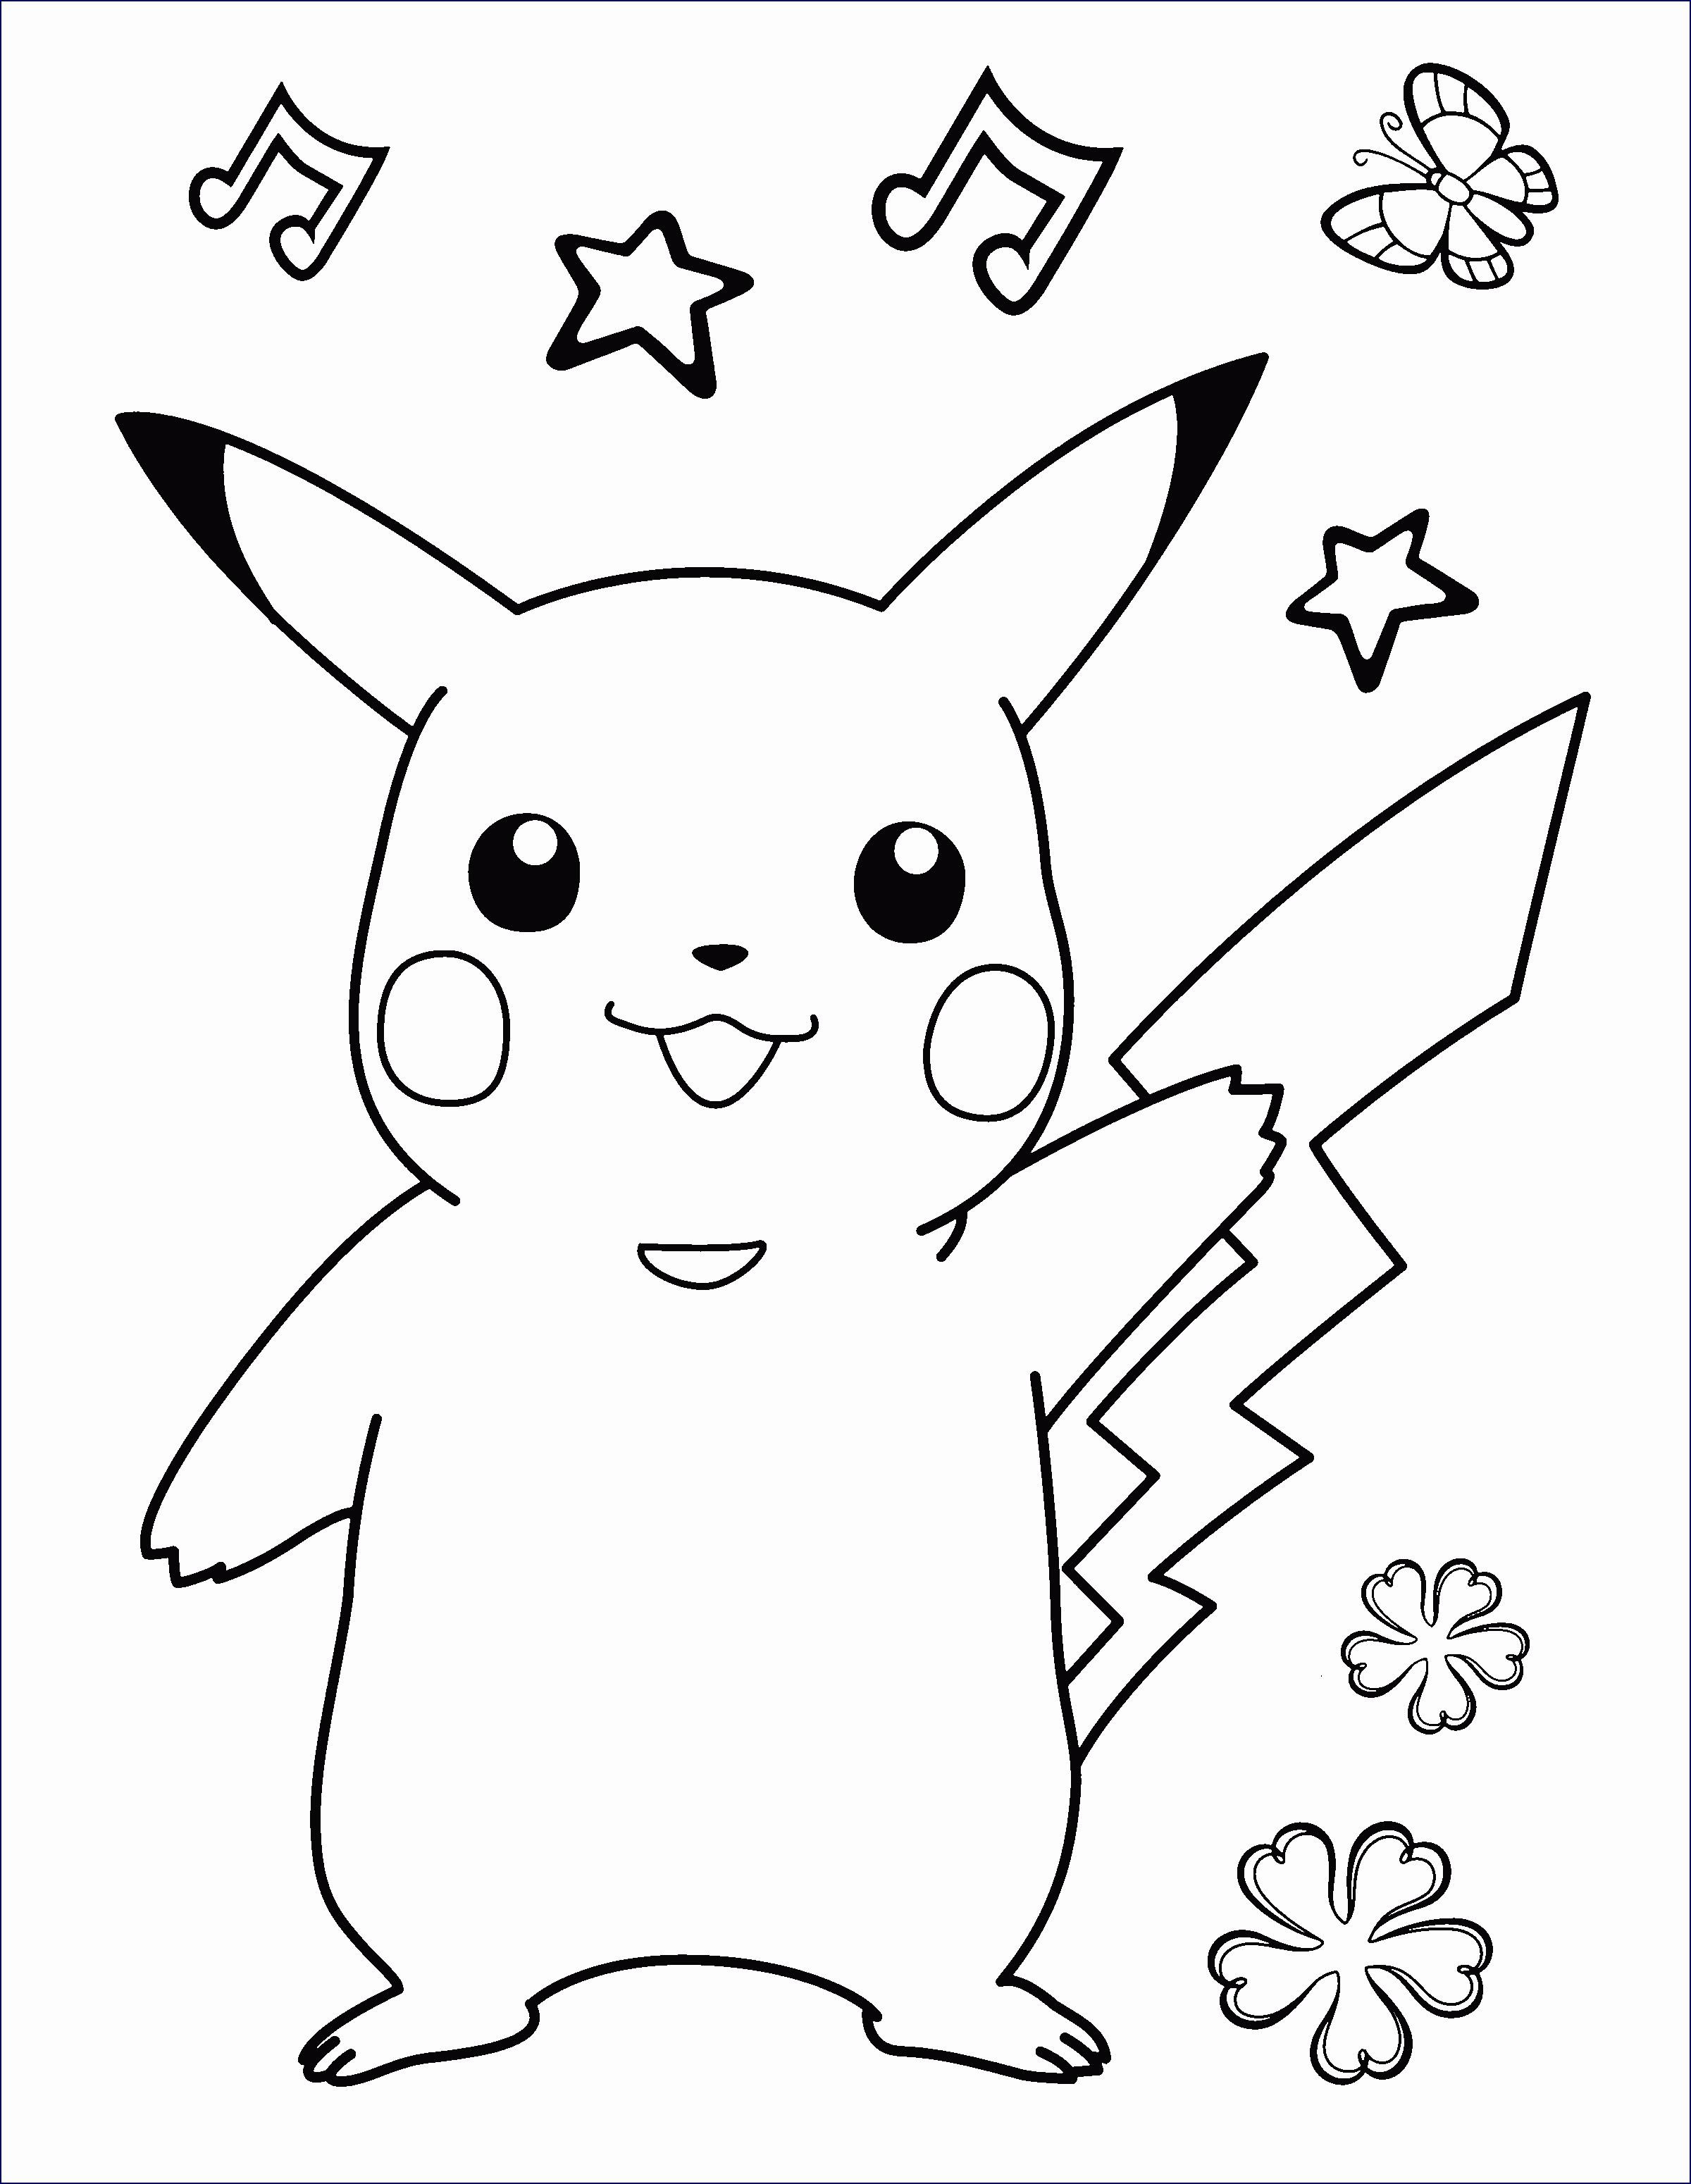 Pokemon Ausmalbilder Kostenlos Genial Wolfsbilder Zum Ausdrucken Best Genial Pokemon Ausmalbilder Zum Stock